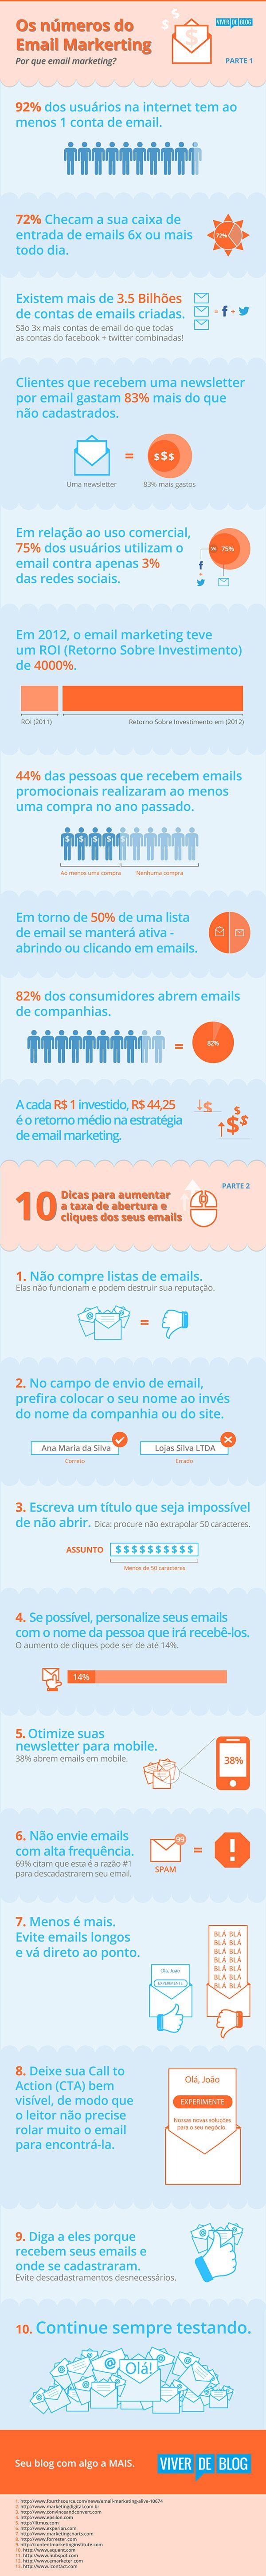 Infográfico: Os Números do Email Marketing. Veja se você está fazendo isso da forma correta, ou menor, de forma otimizada!